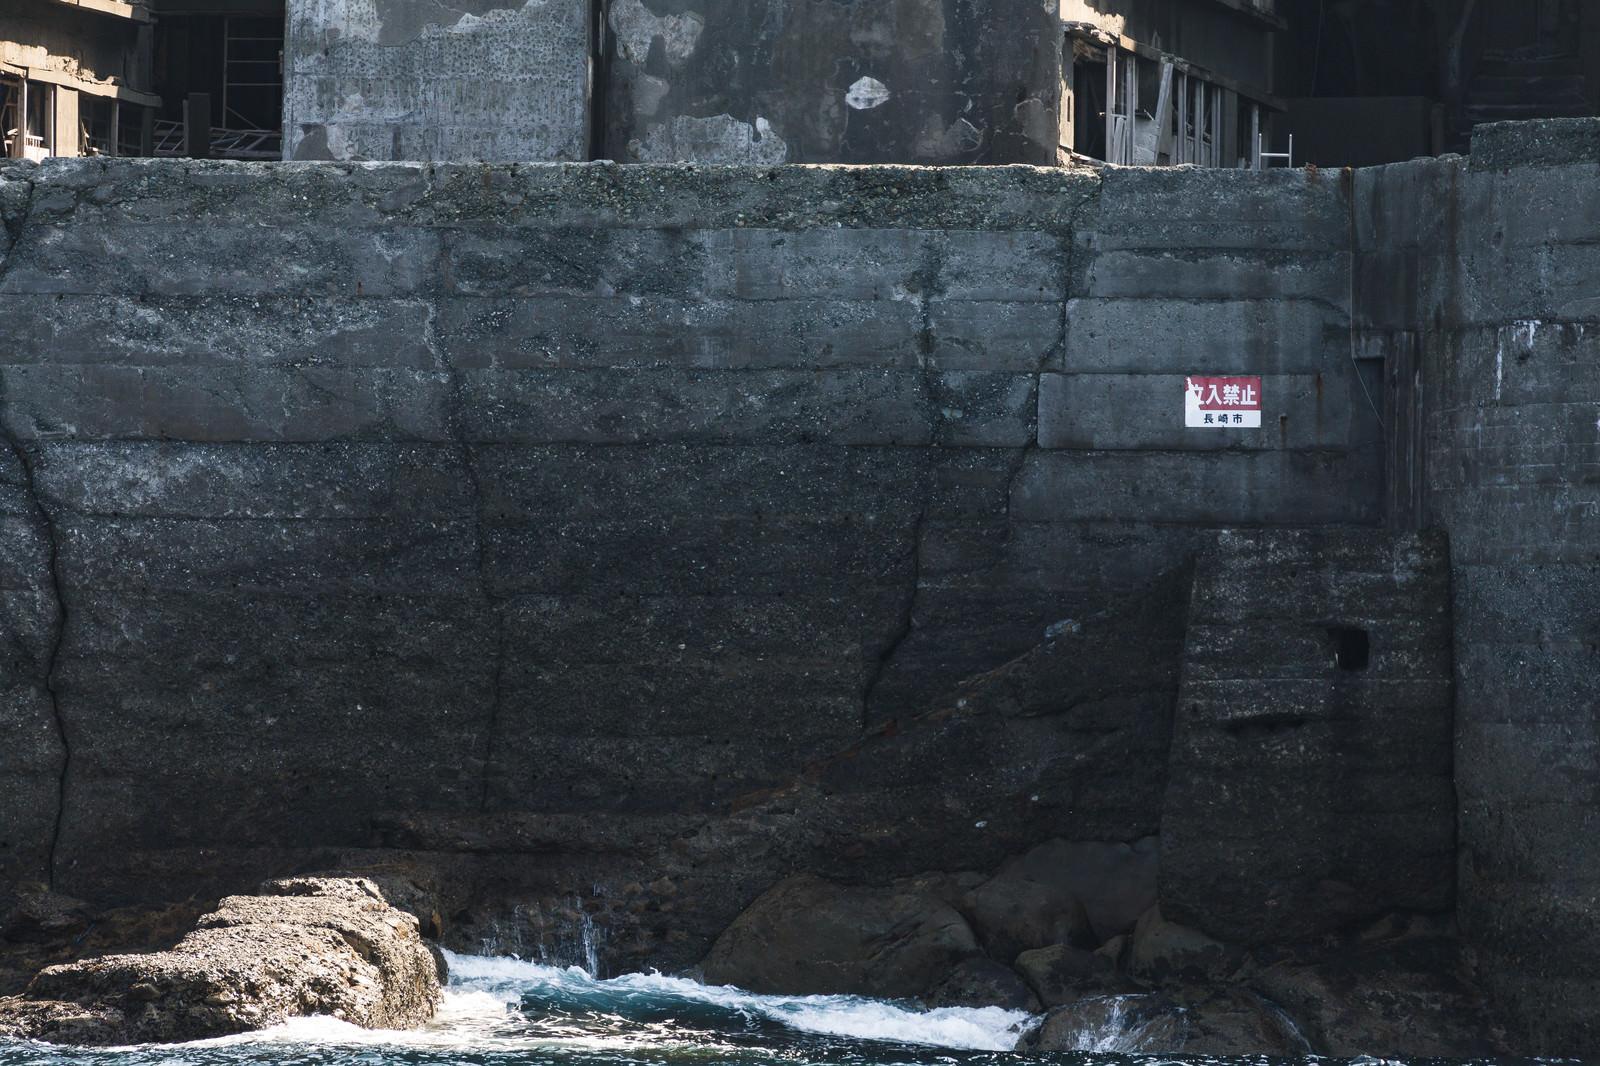 「軍艦島のひび割れた防波堤」の写真